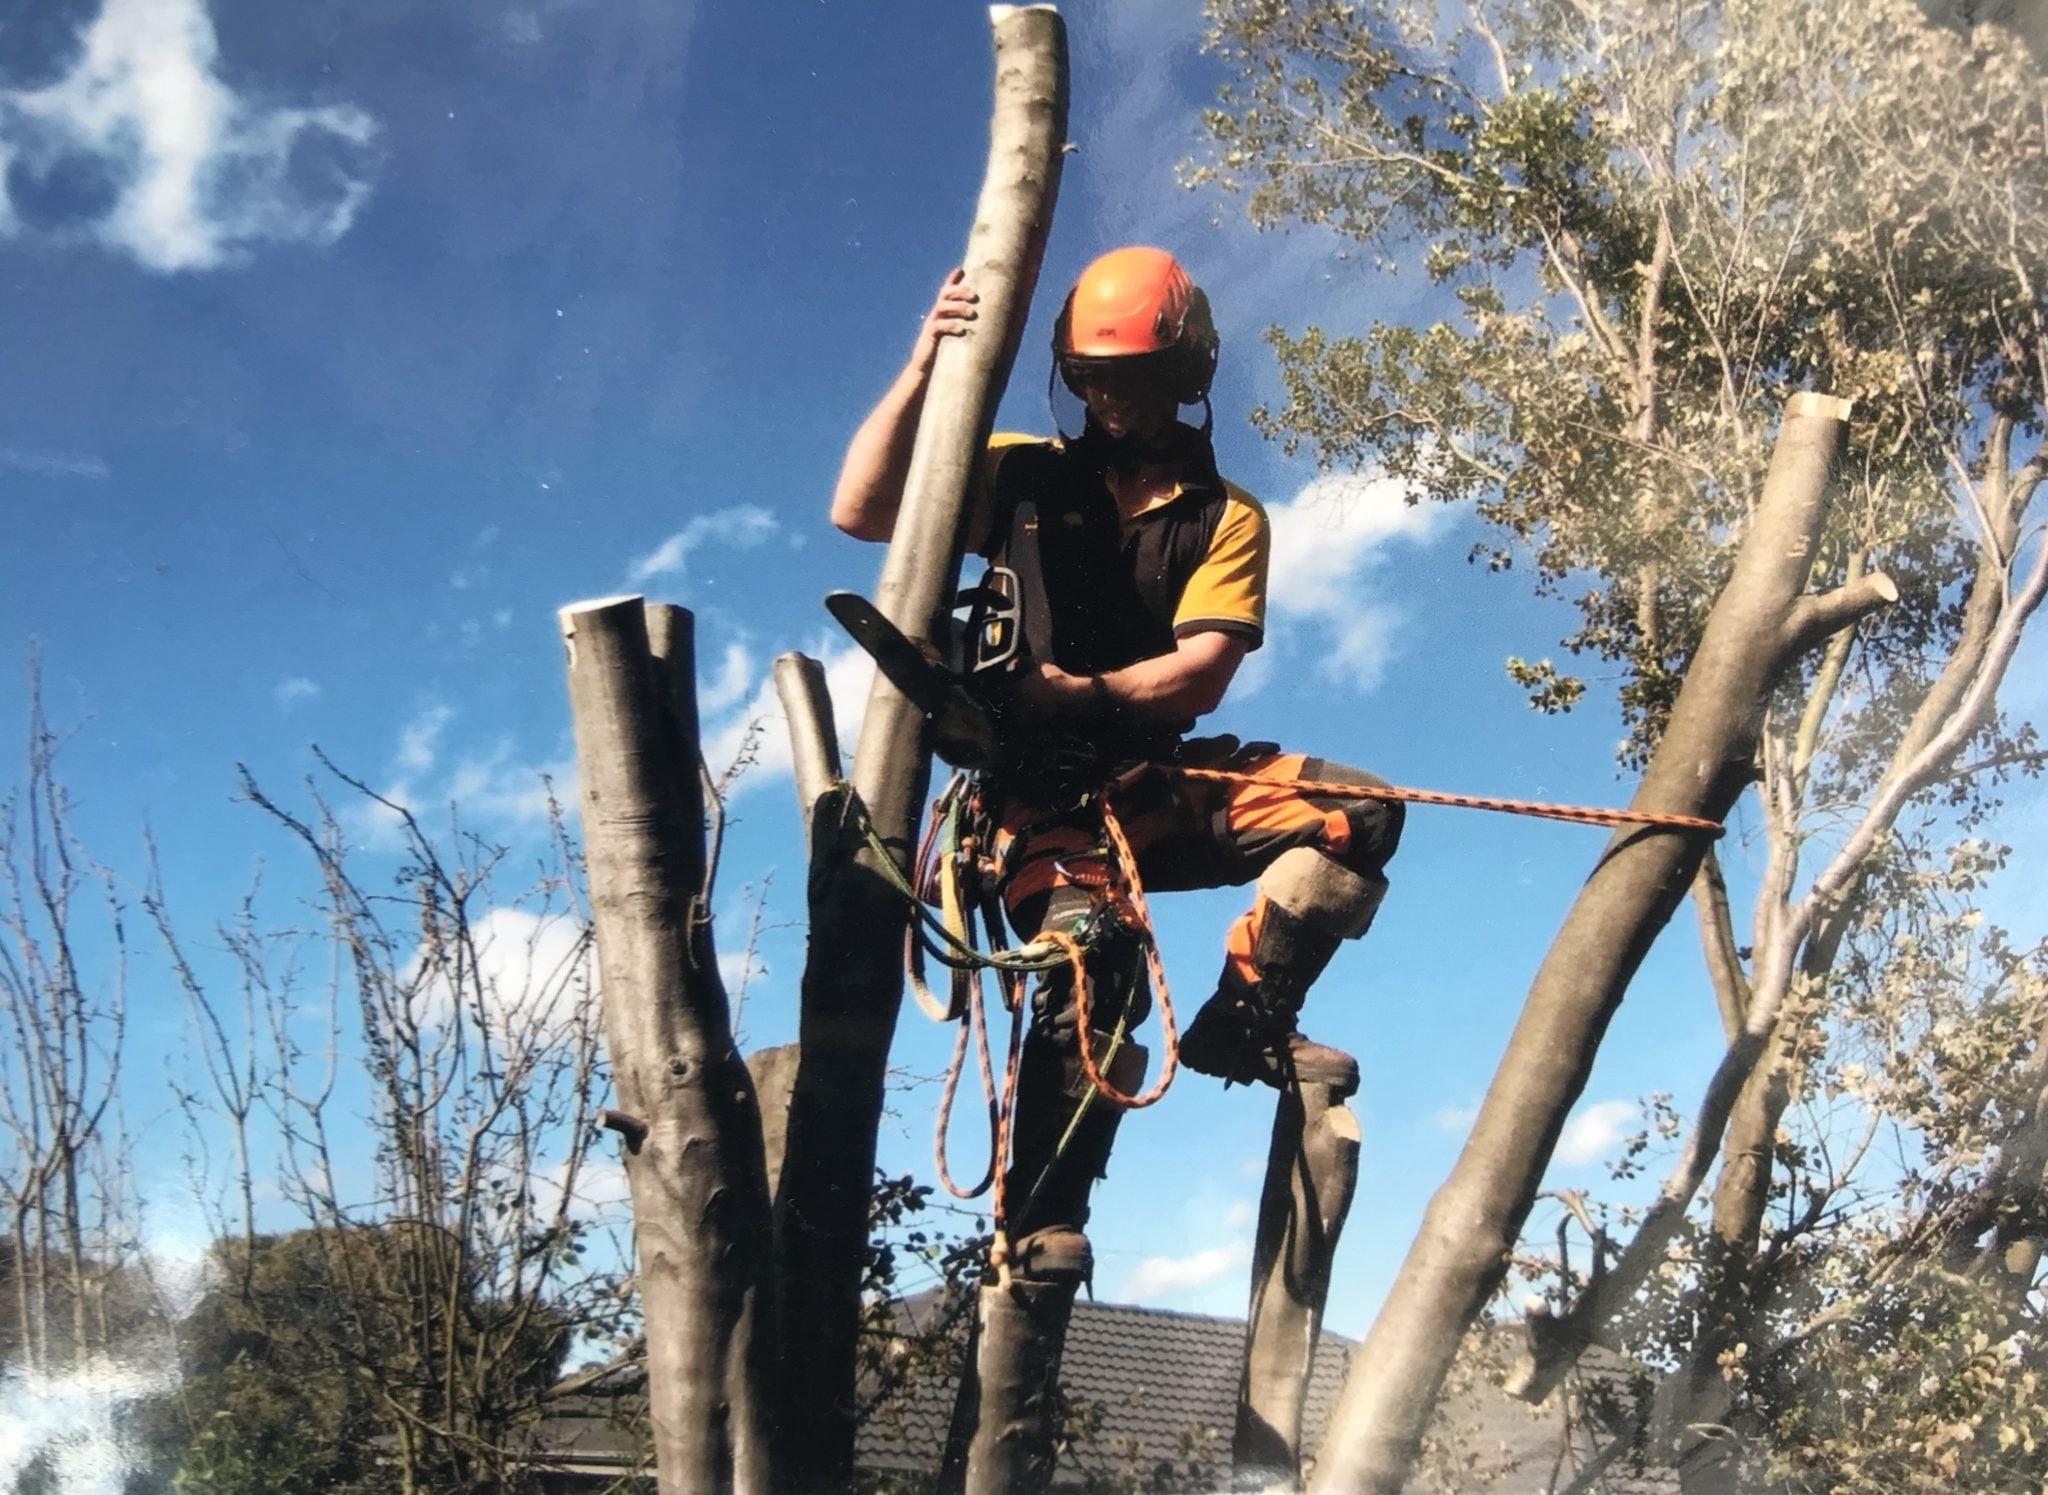 1. Arborists   Top 9 Most Dangerous Jobs in the World   Brain Berries